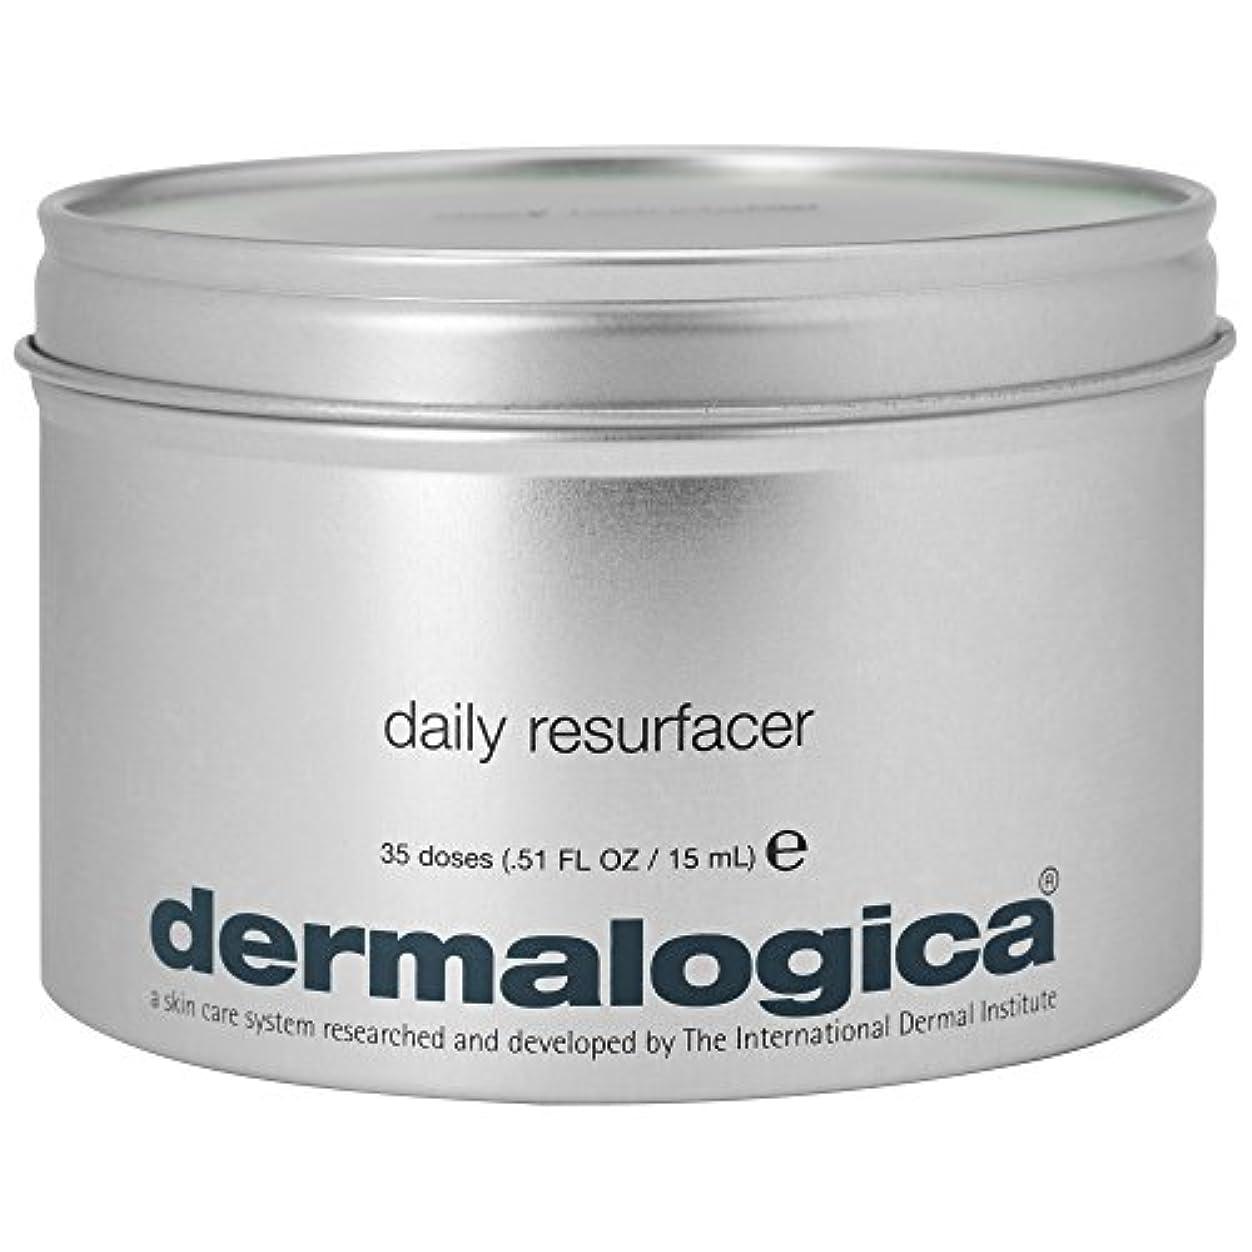 実行予想する削減35のダーマロジカ毎日Resurfacerパック (Dermalogica) (x6) - Dermalogica Daily Resurfacer Pack of 35 (Pack of 6) [並行輸入品]